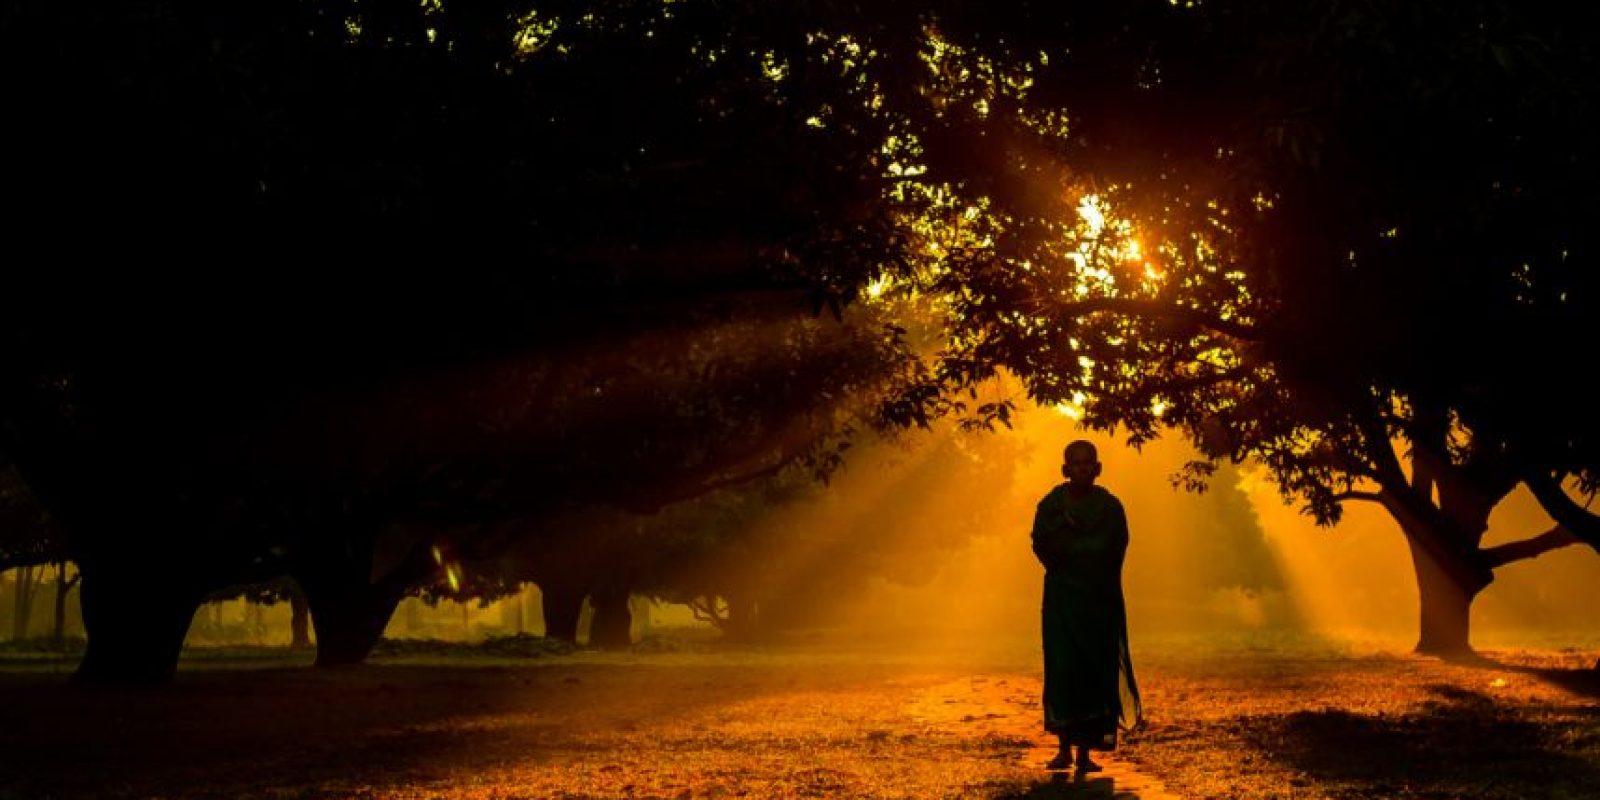 Un monje hindú camina durante una mañana brumosa de invierno en un jardín de mangos en Dinajpur. Foto:Agencias